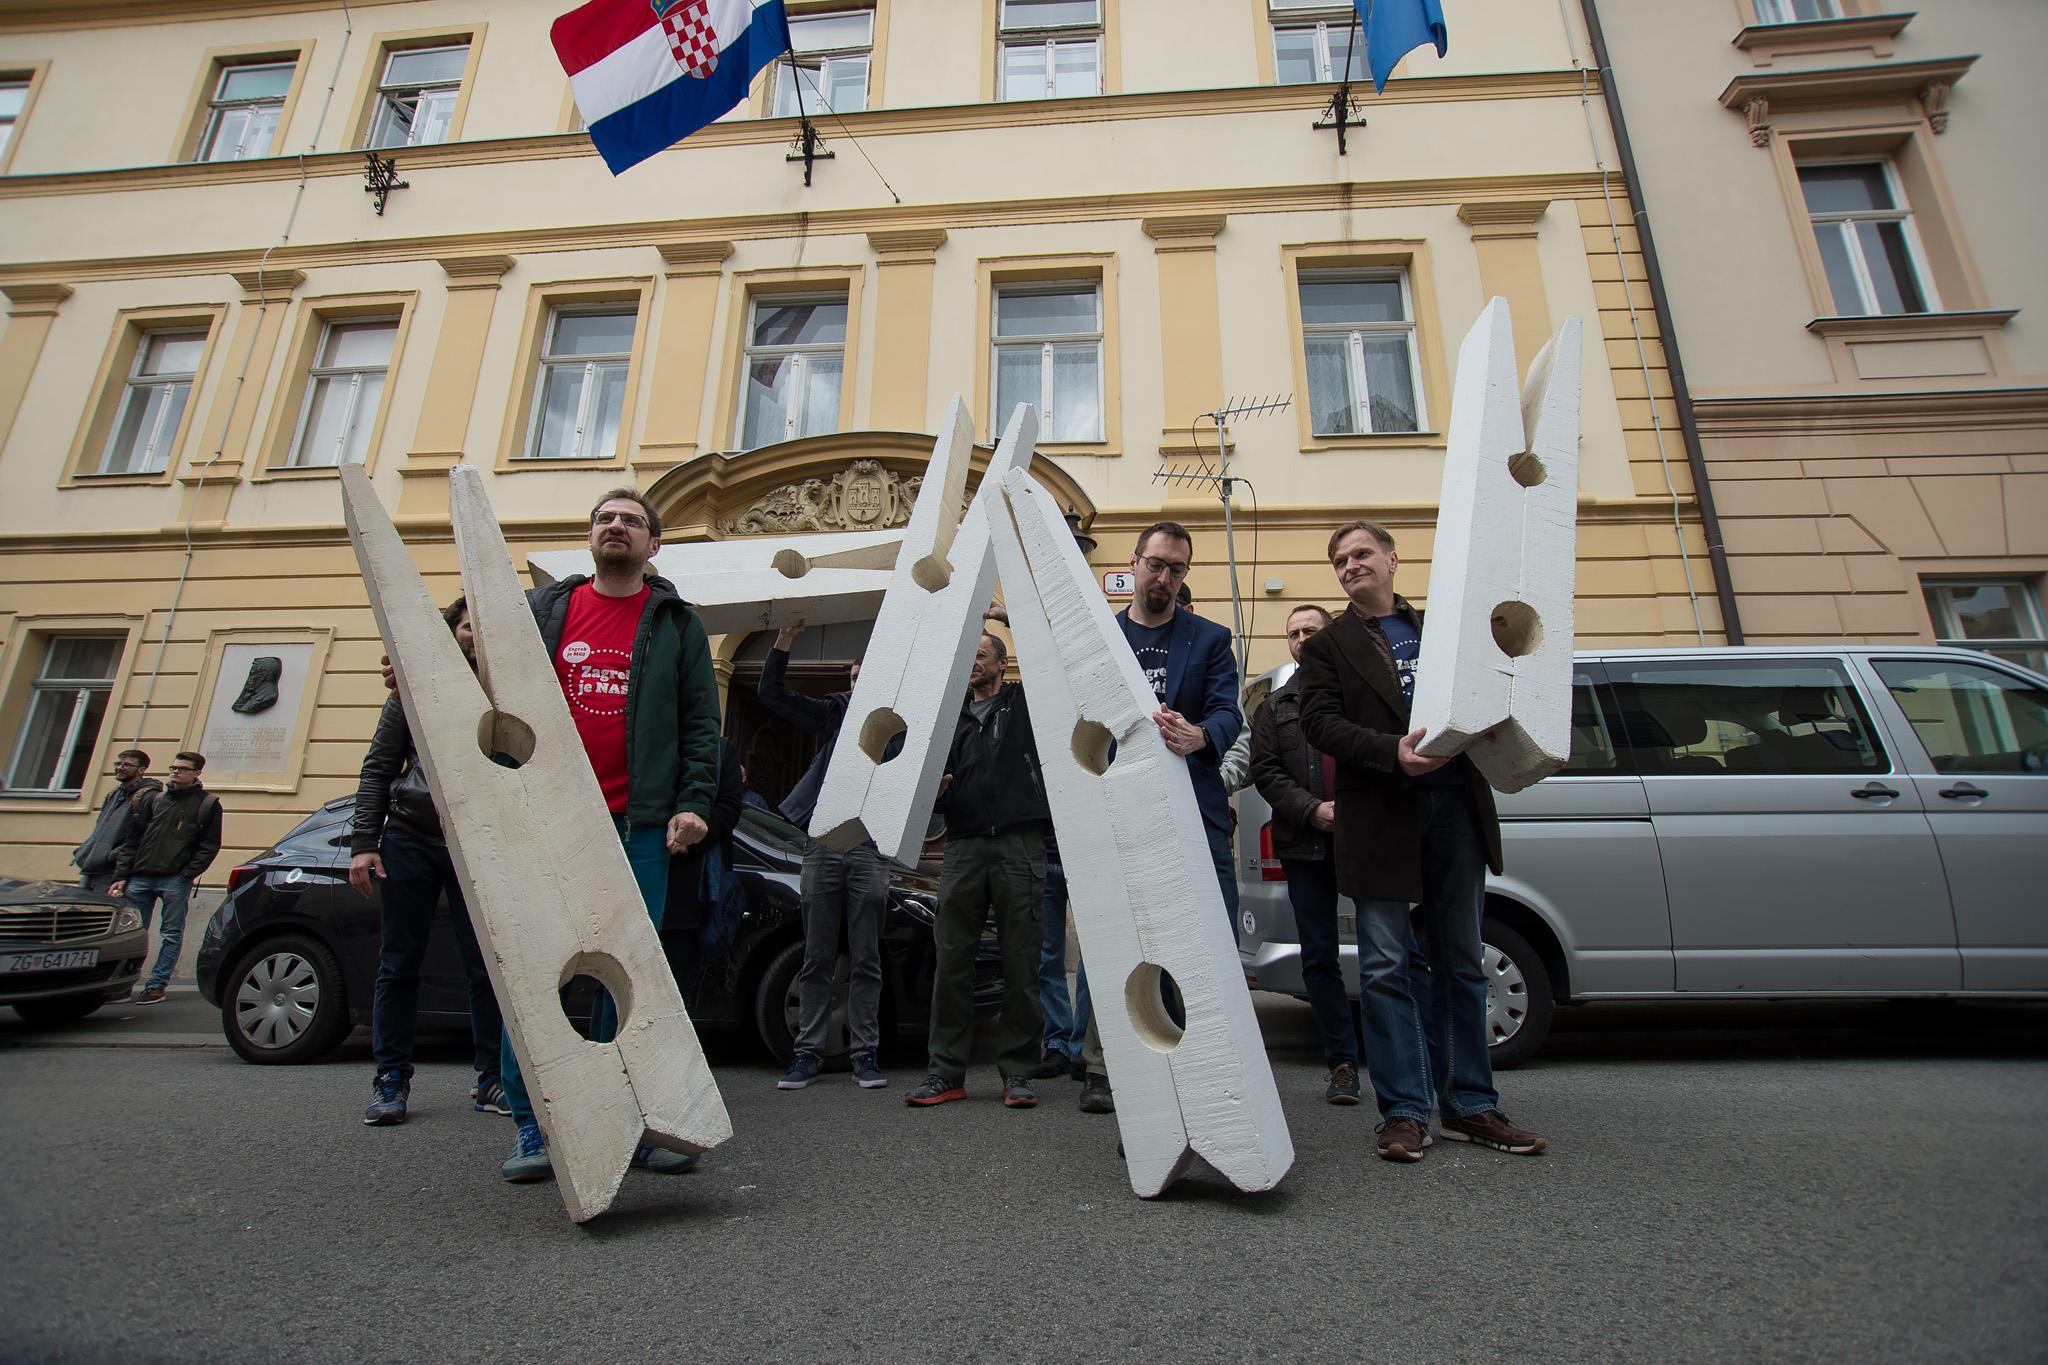 Ispred Gradske skupštine s velikim kvačicama ukazali smo na problem smrada s Jakuševca i ponudili rješenja za pitanje odlaganja otpada